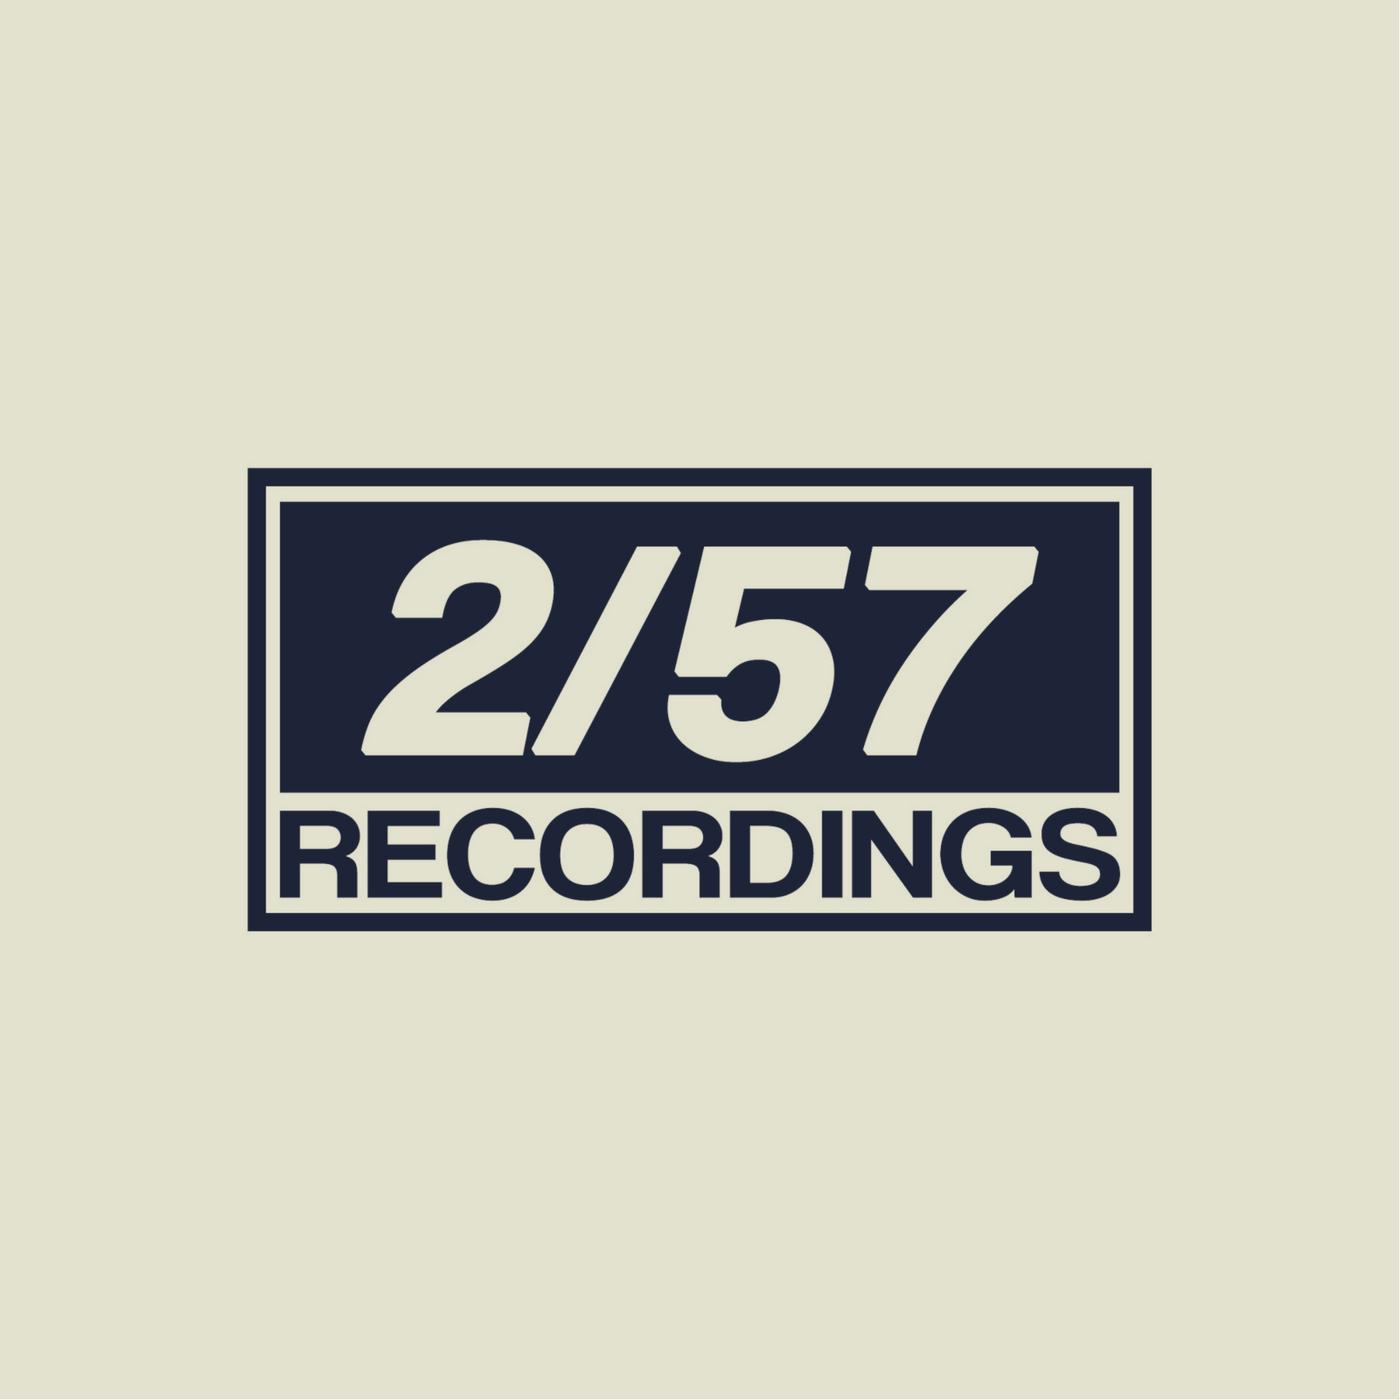 2/57 Recordings